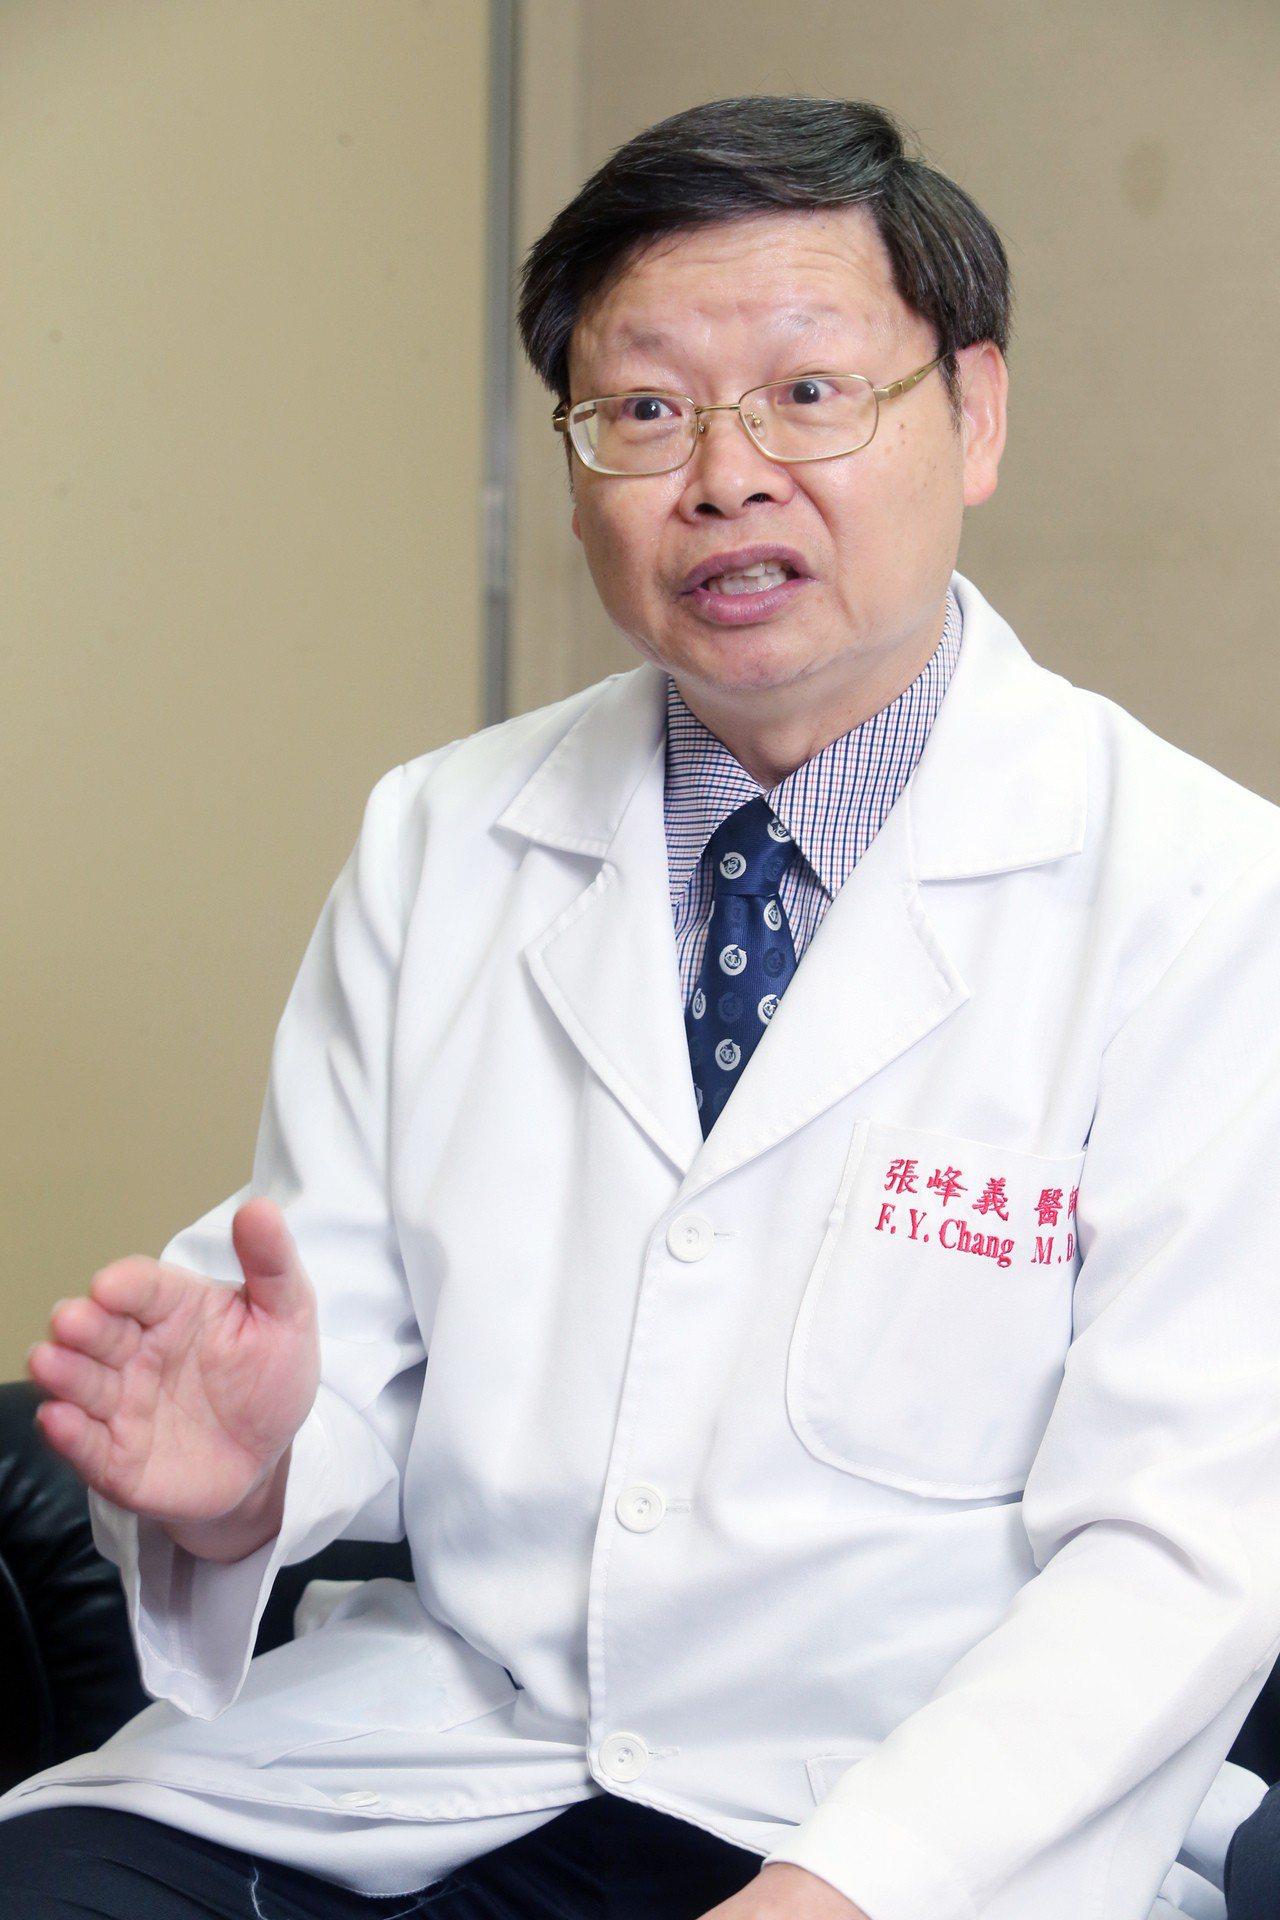 台灣感染管制學會理事長張峰義表示,各科醫師對抗生素的專業知識非常關鍵。記者徐兆玄...